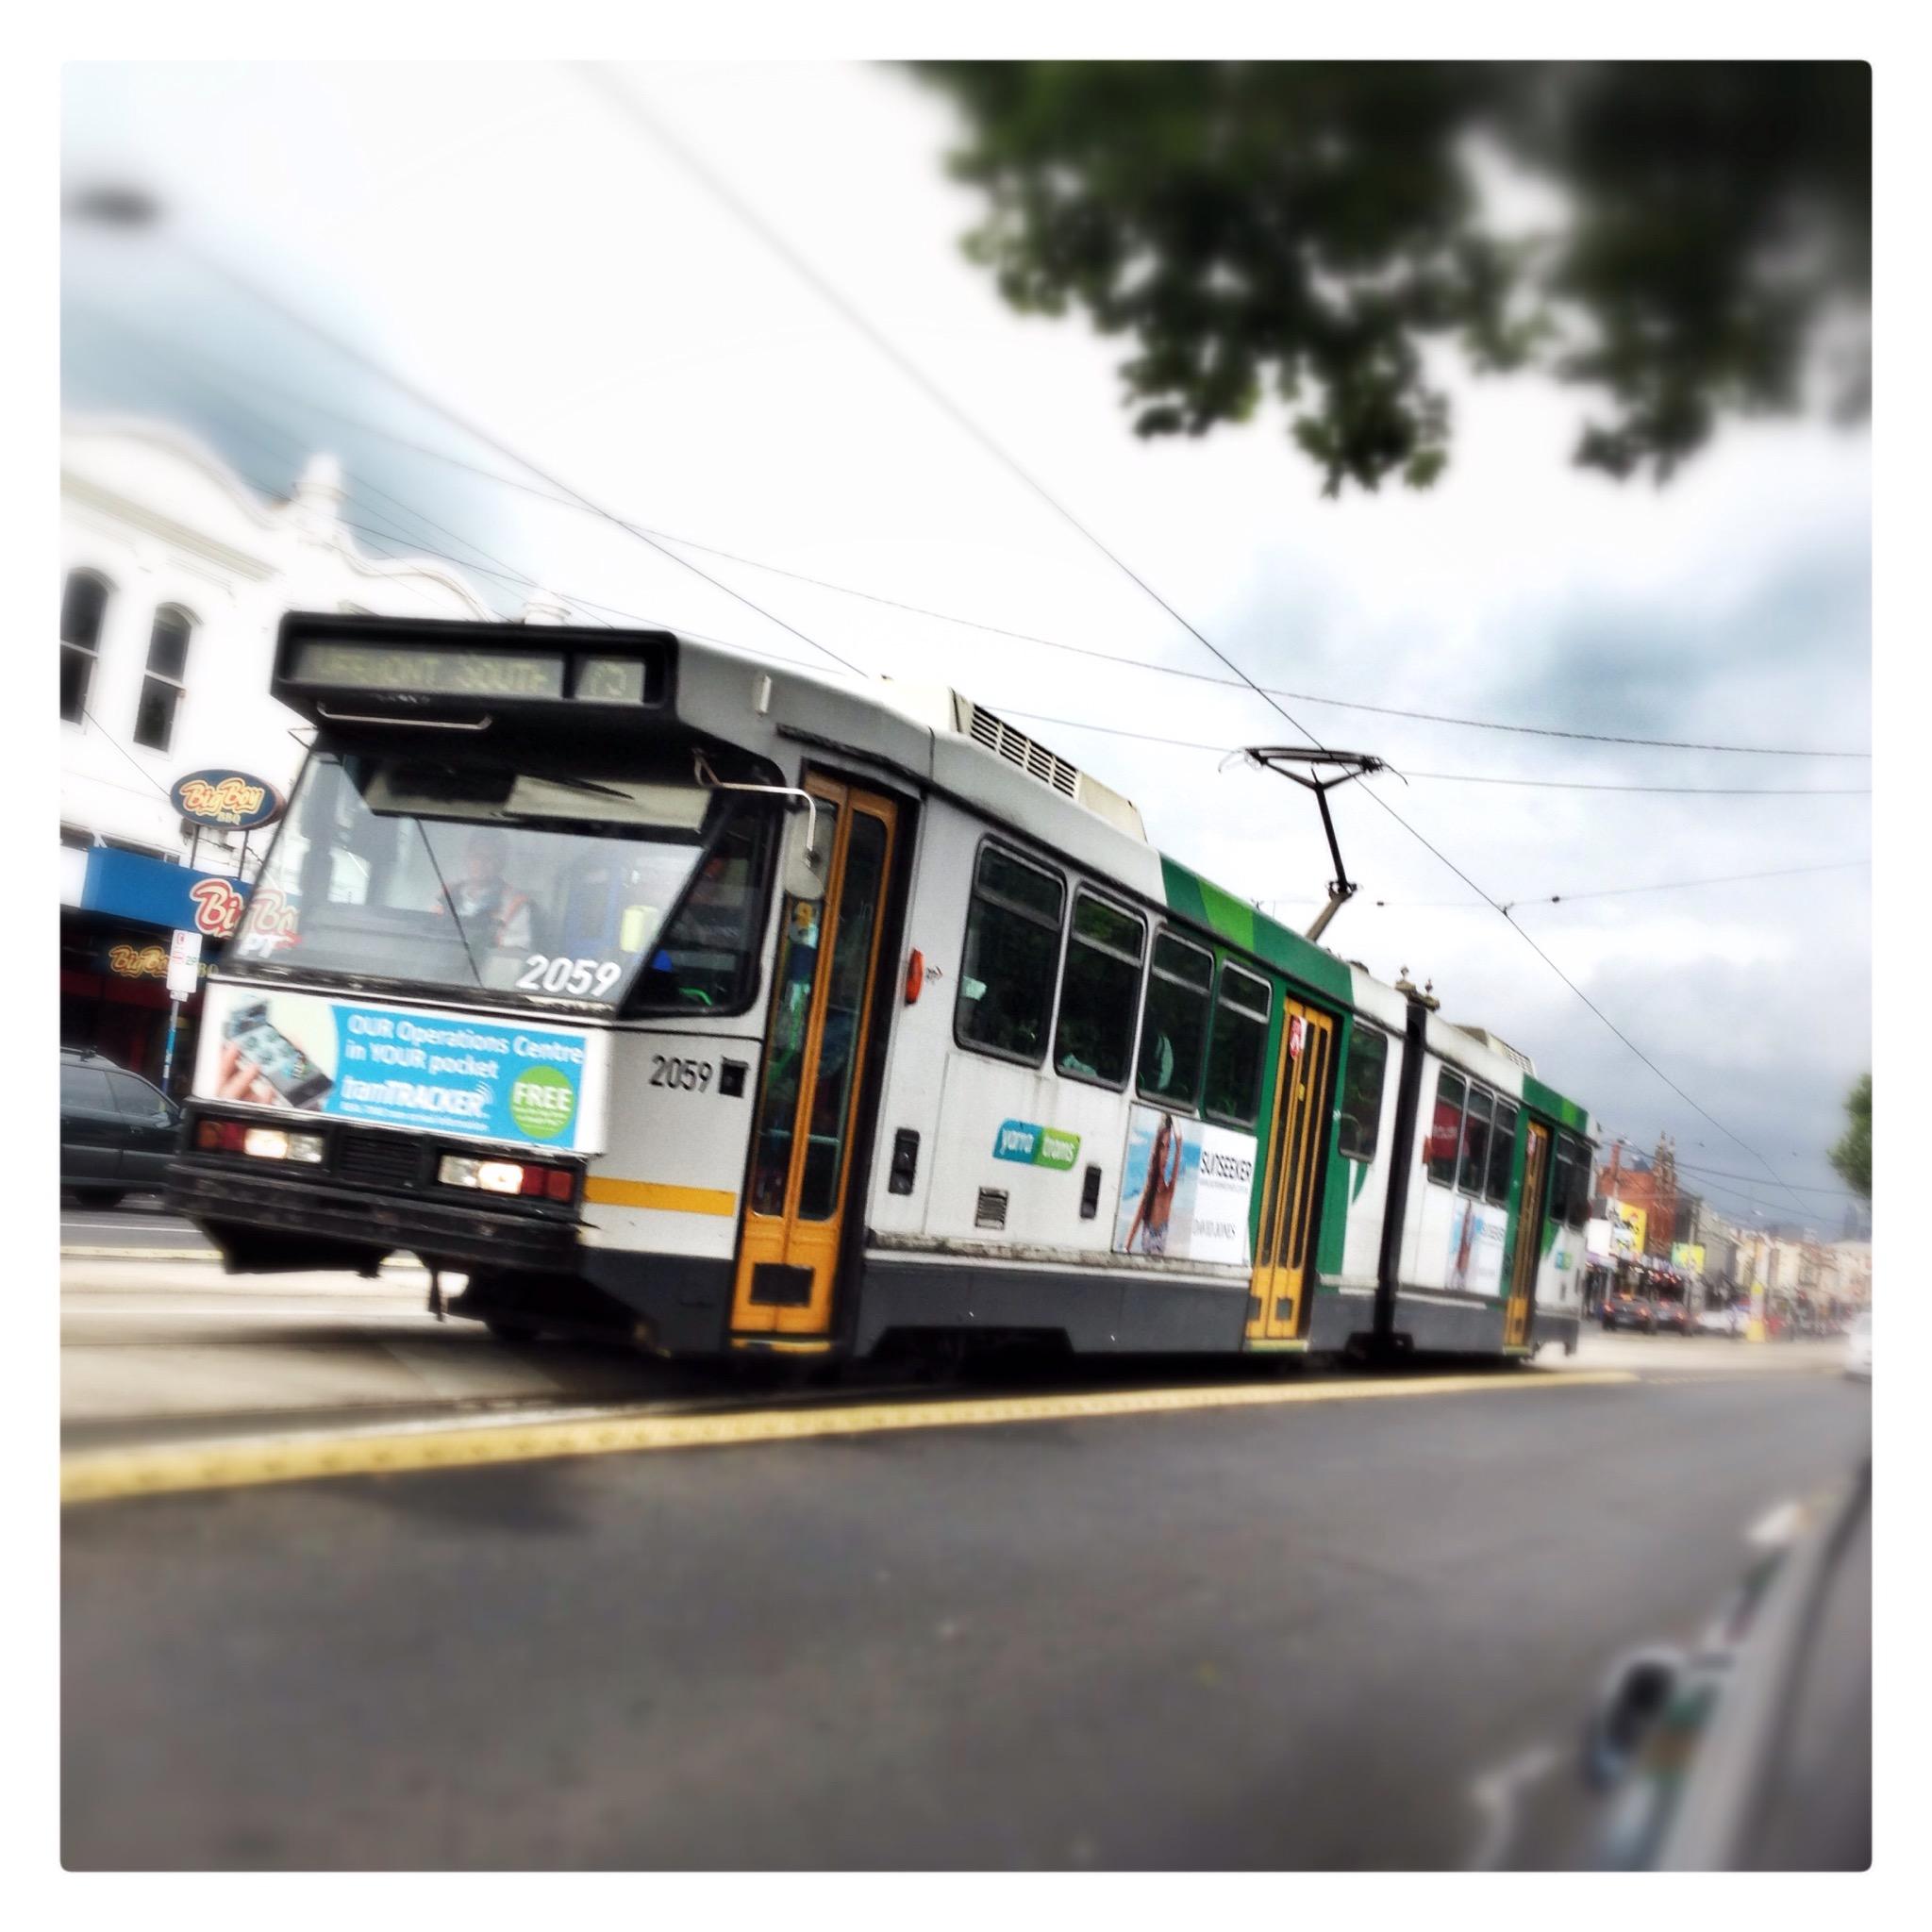 Day 1329. Tram-a-lamma-ding-dong